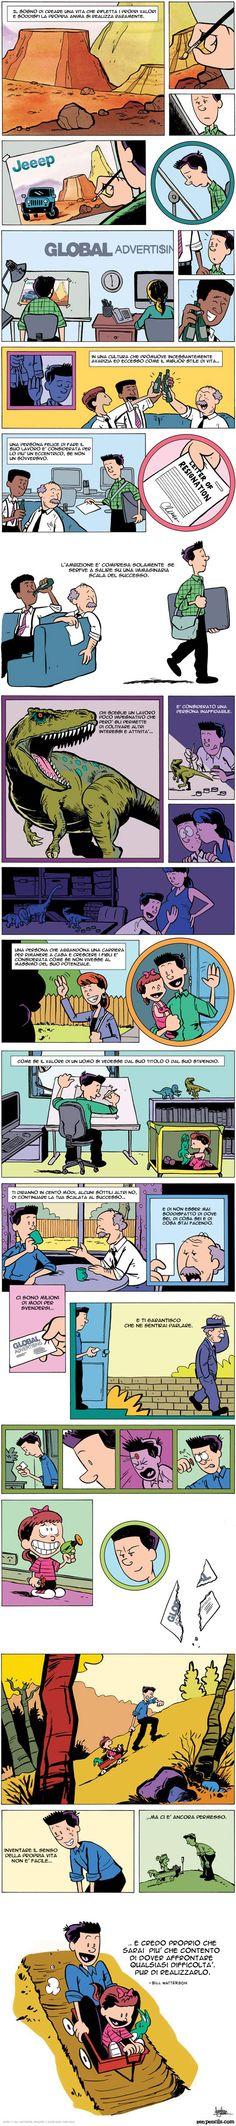 dall'autore di Calvin una bellissima striscia dedicata a quelli come me che hanno scelto un diverso stile di vita :)